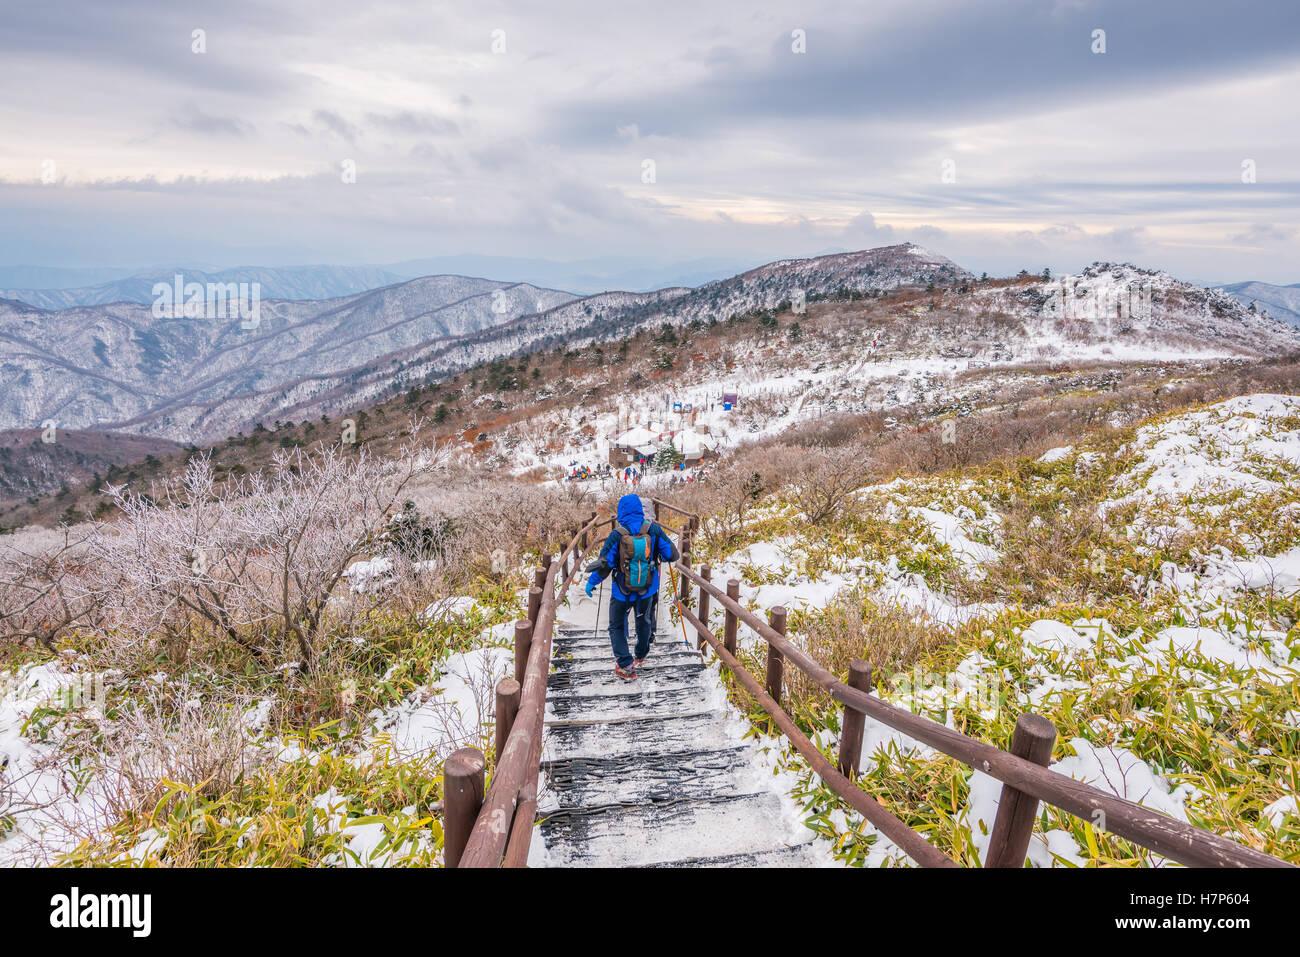 Los excursionistas en montañas en invierno,paisaje invernal de la montaña de nieve blanca en Corea Foto de stock